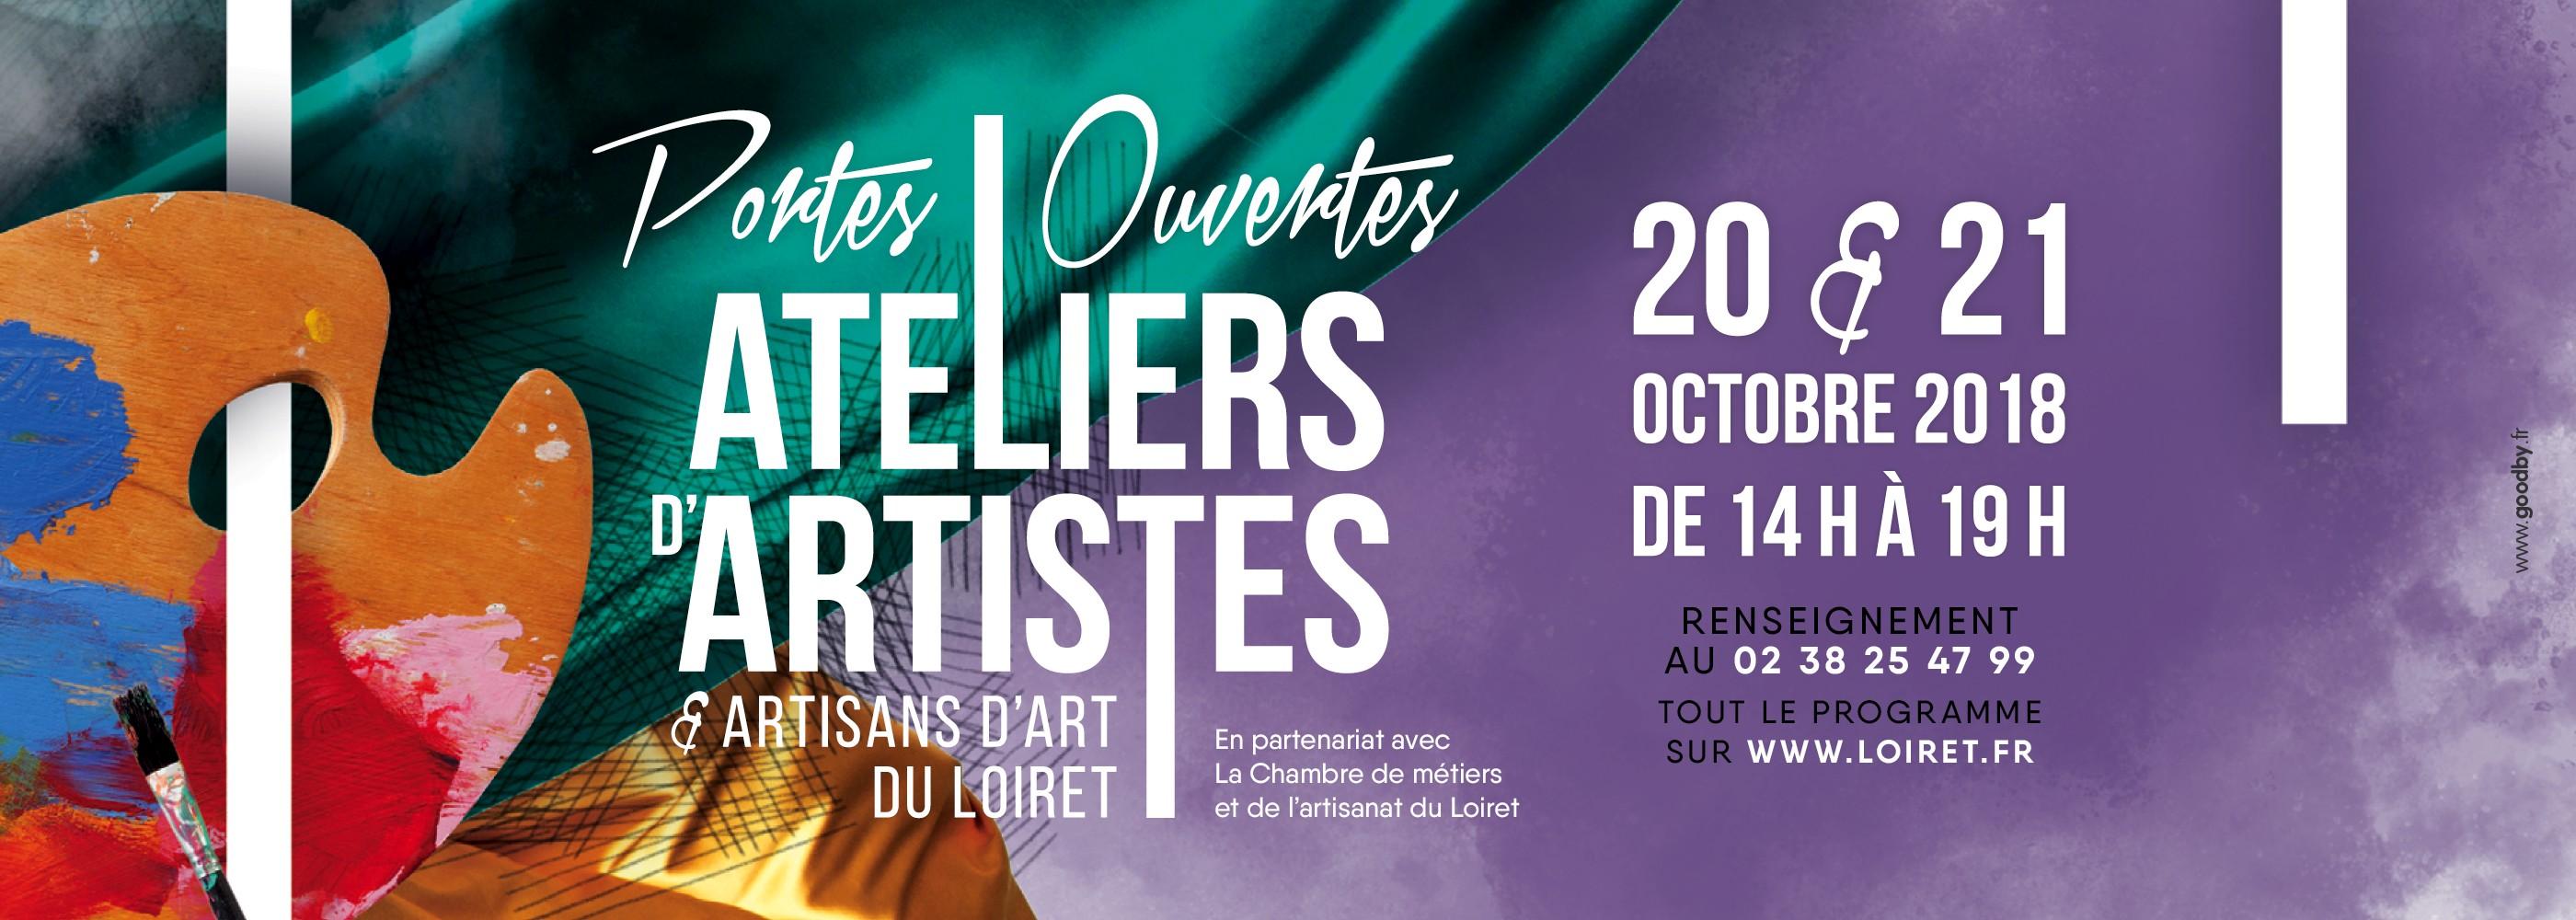 Portes ouvertes des ateliers d'artistes et artisans d'art du ...